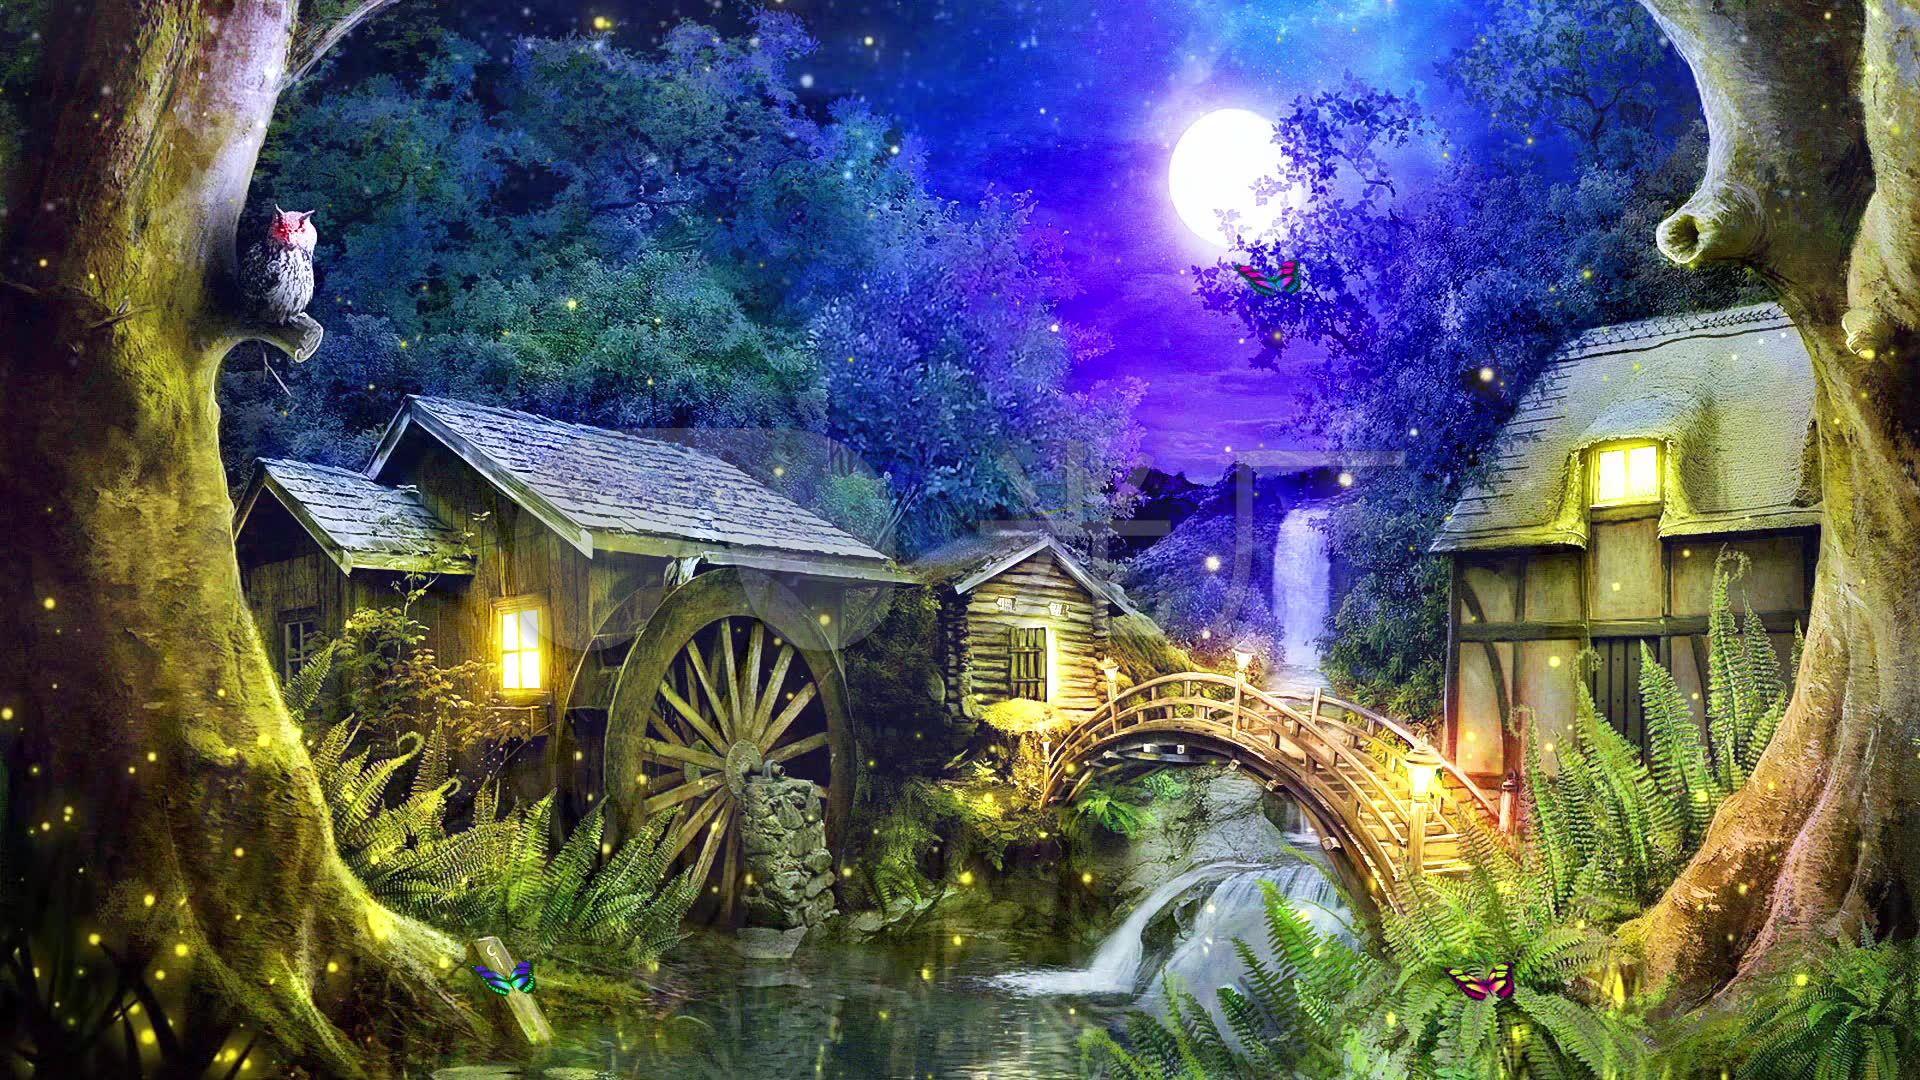 唯美森林小屋萤火虫夜色童话led背景视频图片